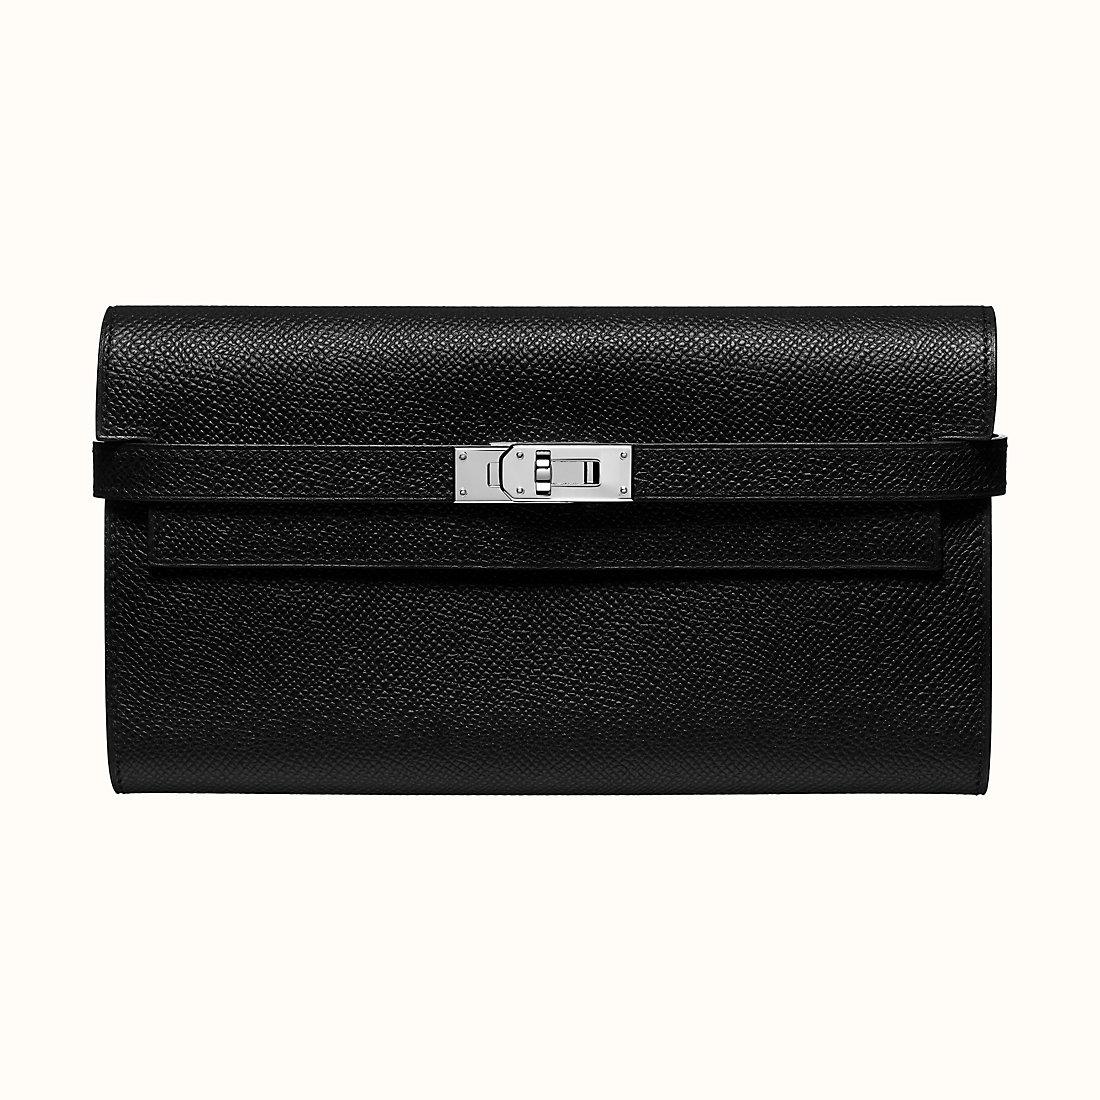 臺灣新北市愛馬仕錢包哪款好 Hermes Kelly classic wallet CK89 Epsom